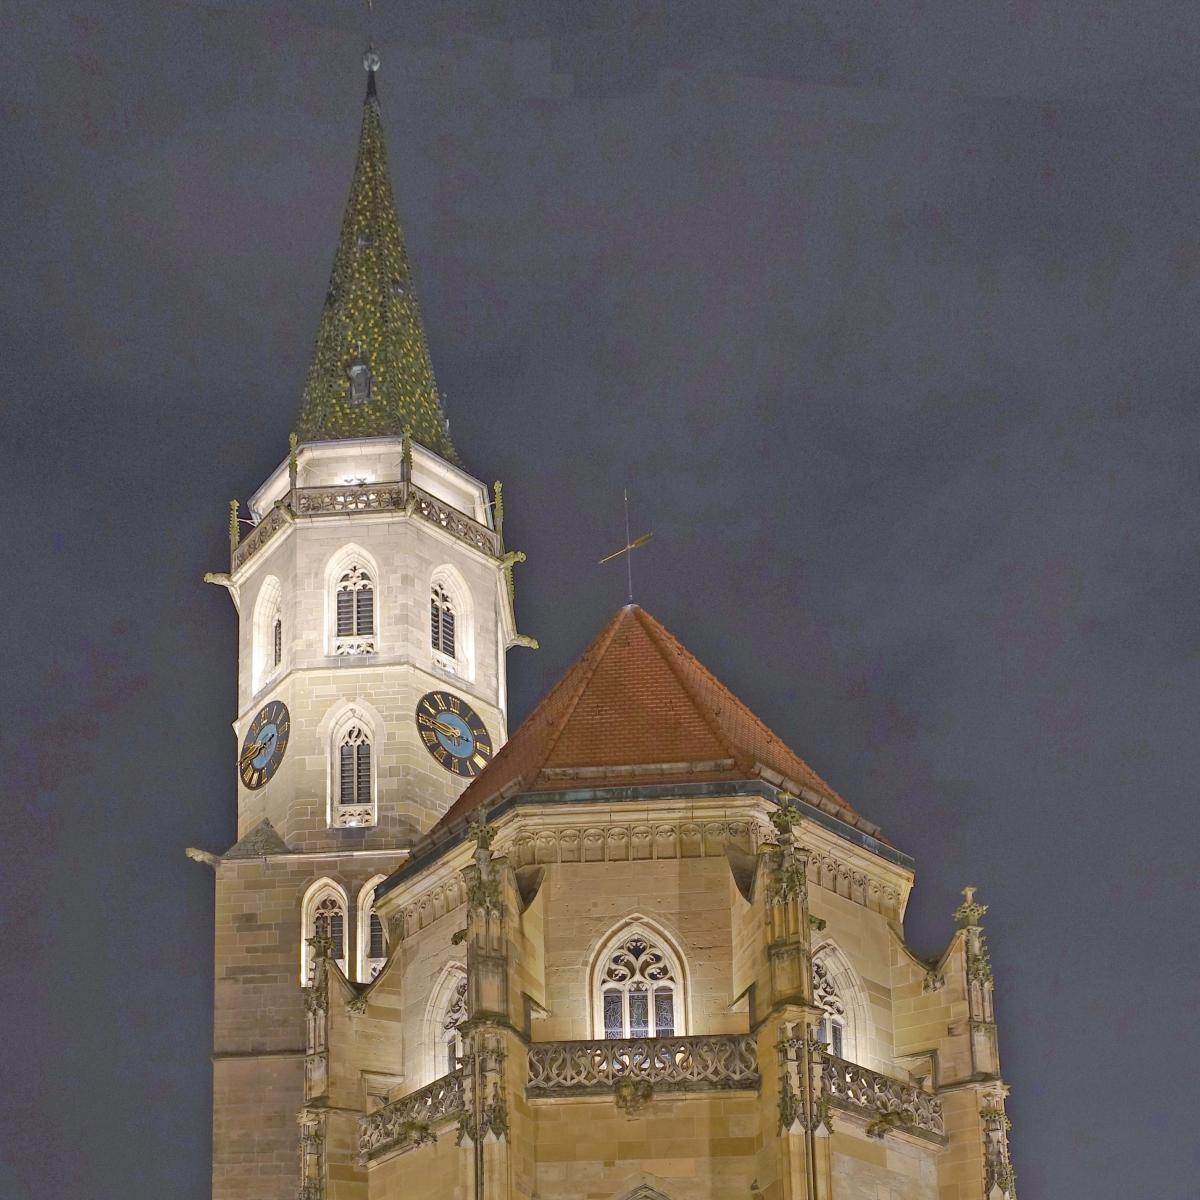 Stadtkirche Schorndorf - Außeninszenierung einer spätgotischen Kirche